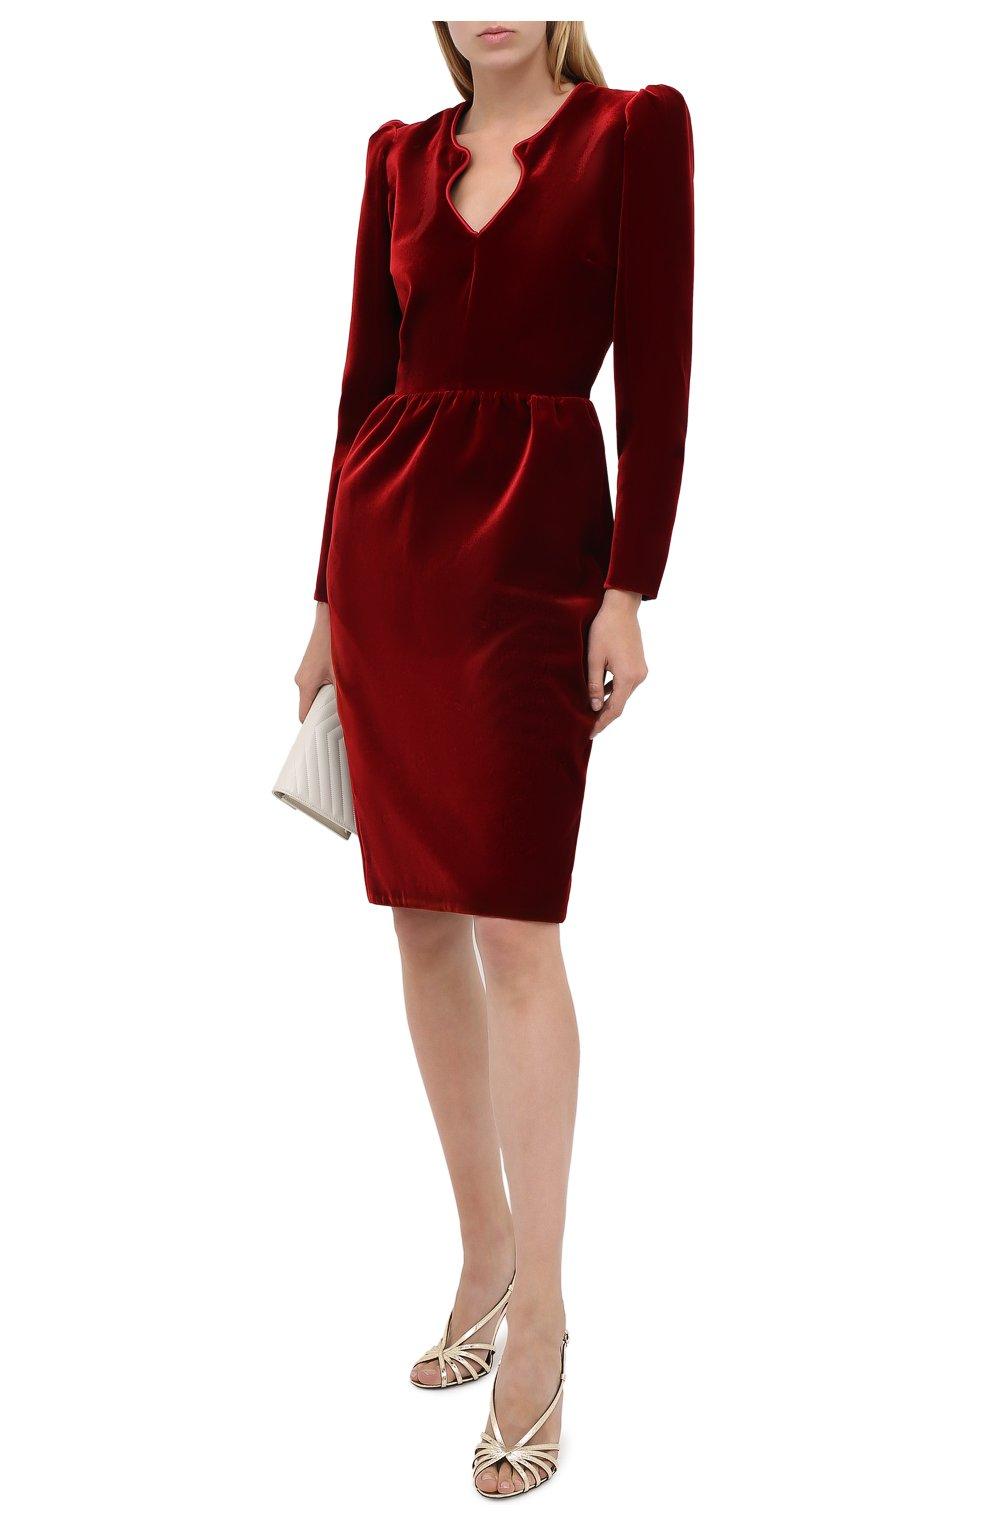 Женское бархатное платье SAINT LAURENT красного цвета, арт. 633528/Y525R   Фото 2 (Случай: Коктейльный; Материал внешний: Купро, Вискоза; Рукава: Длинные; Женское Кросс-КТ: платье-футляр, Платье-одежда; Длина Ж (юбки, платья, шорты): До колена; Материал подклада: Шелк)